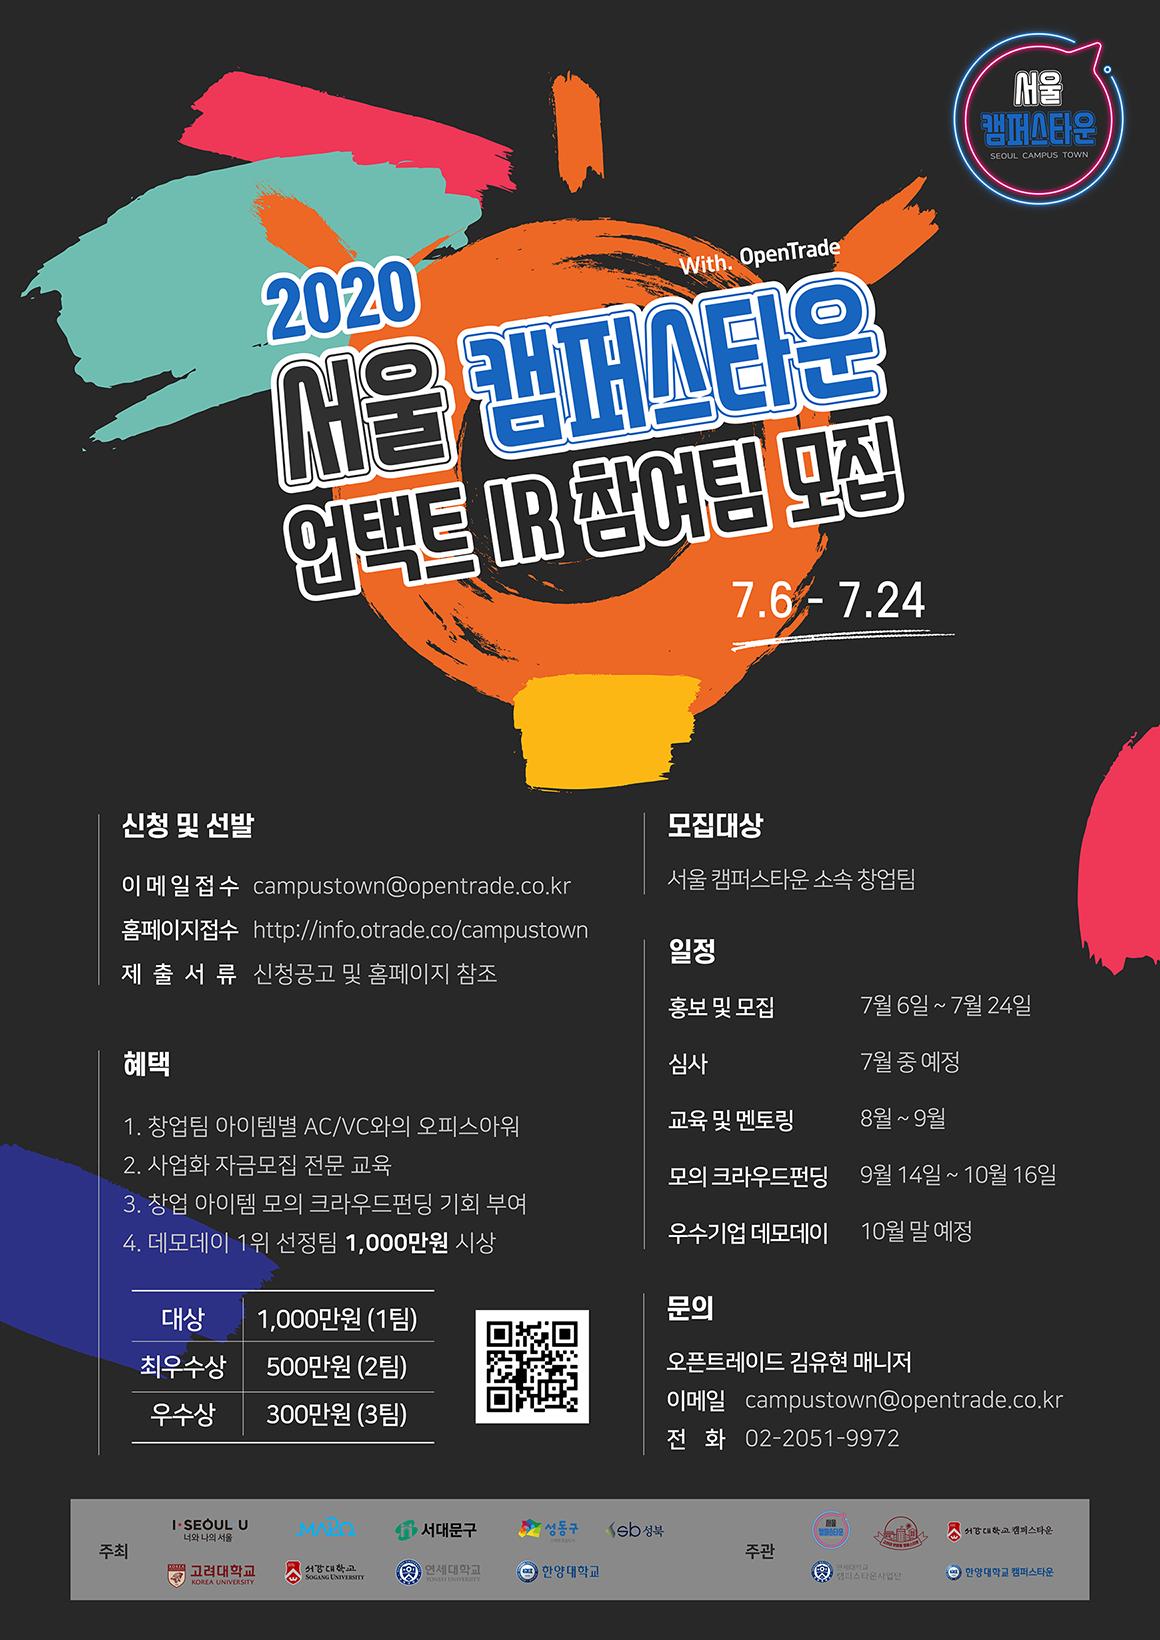 오픈트레이드, 서울 캠퍼스타운 언택트 IR 참여팀 모집